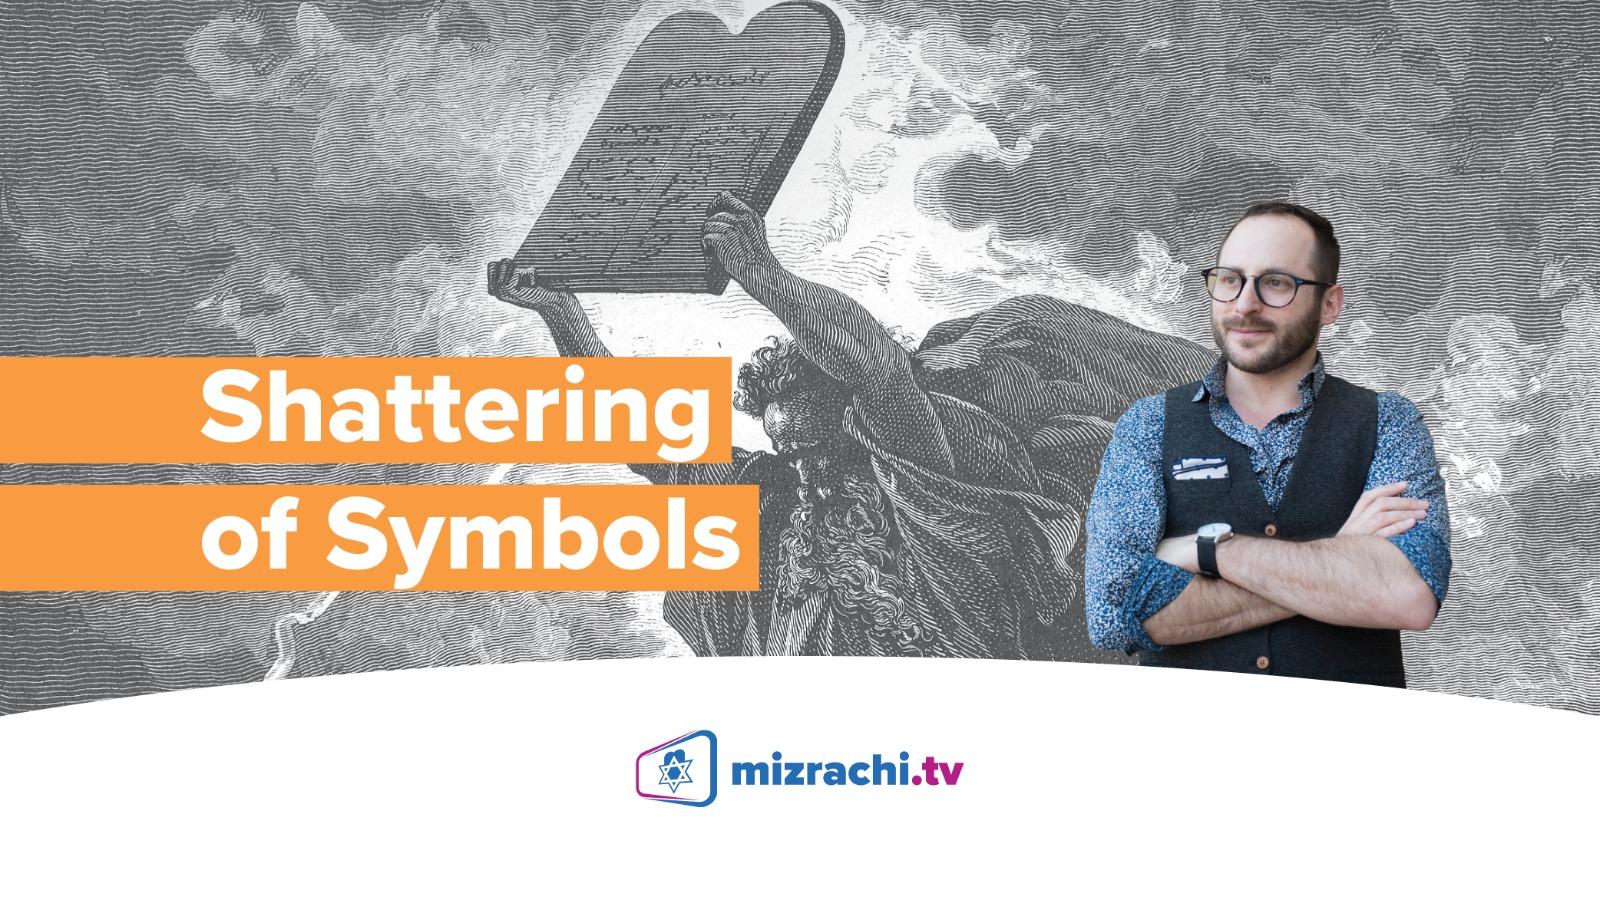 Shattering of Symbols